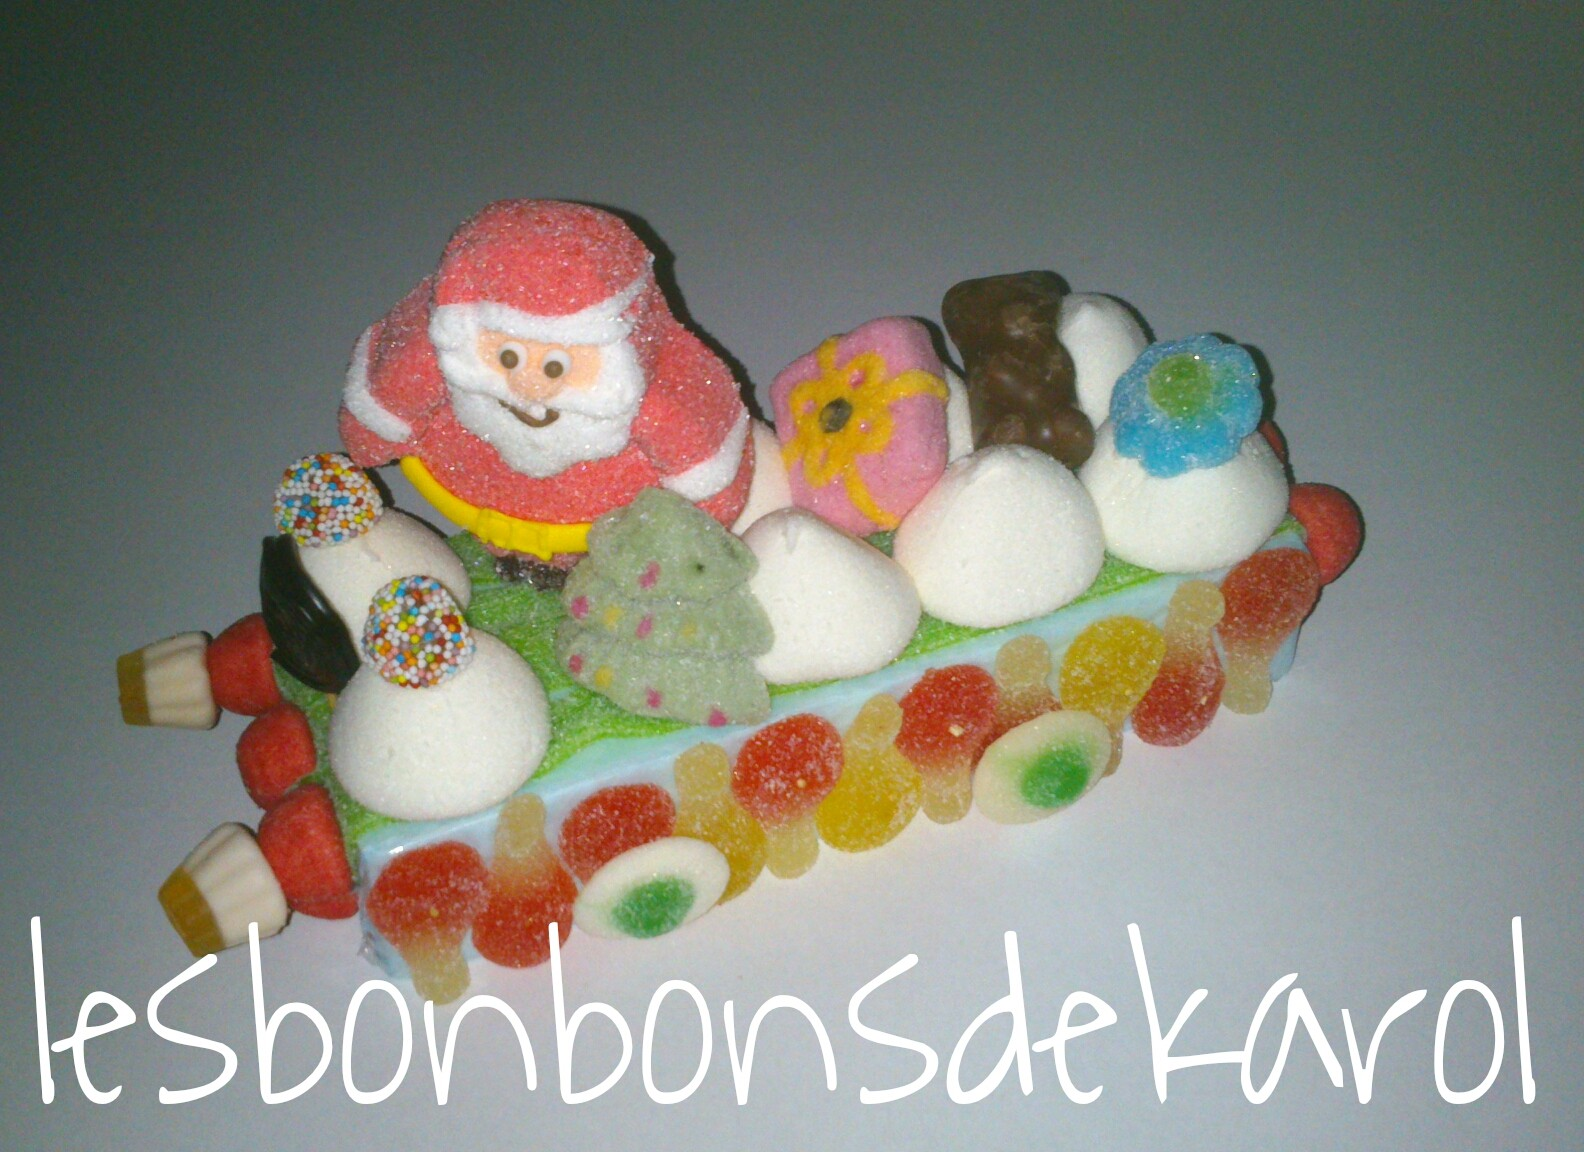 TRAINEAU cadeau ourson 17,50 € (ht13 larg 12 lg 27 cm - 435 gr - 54 bonbons + 1 père noël + 1 ourson chocolat + 1 cadeau)